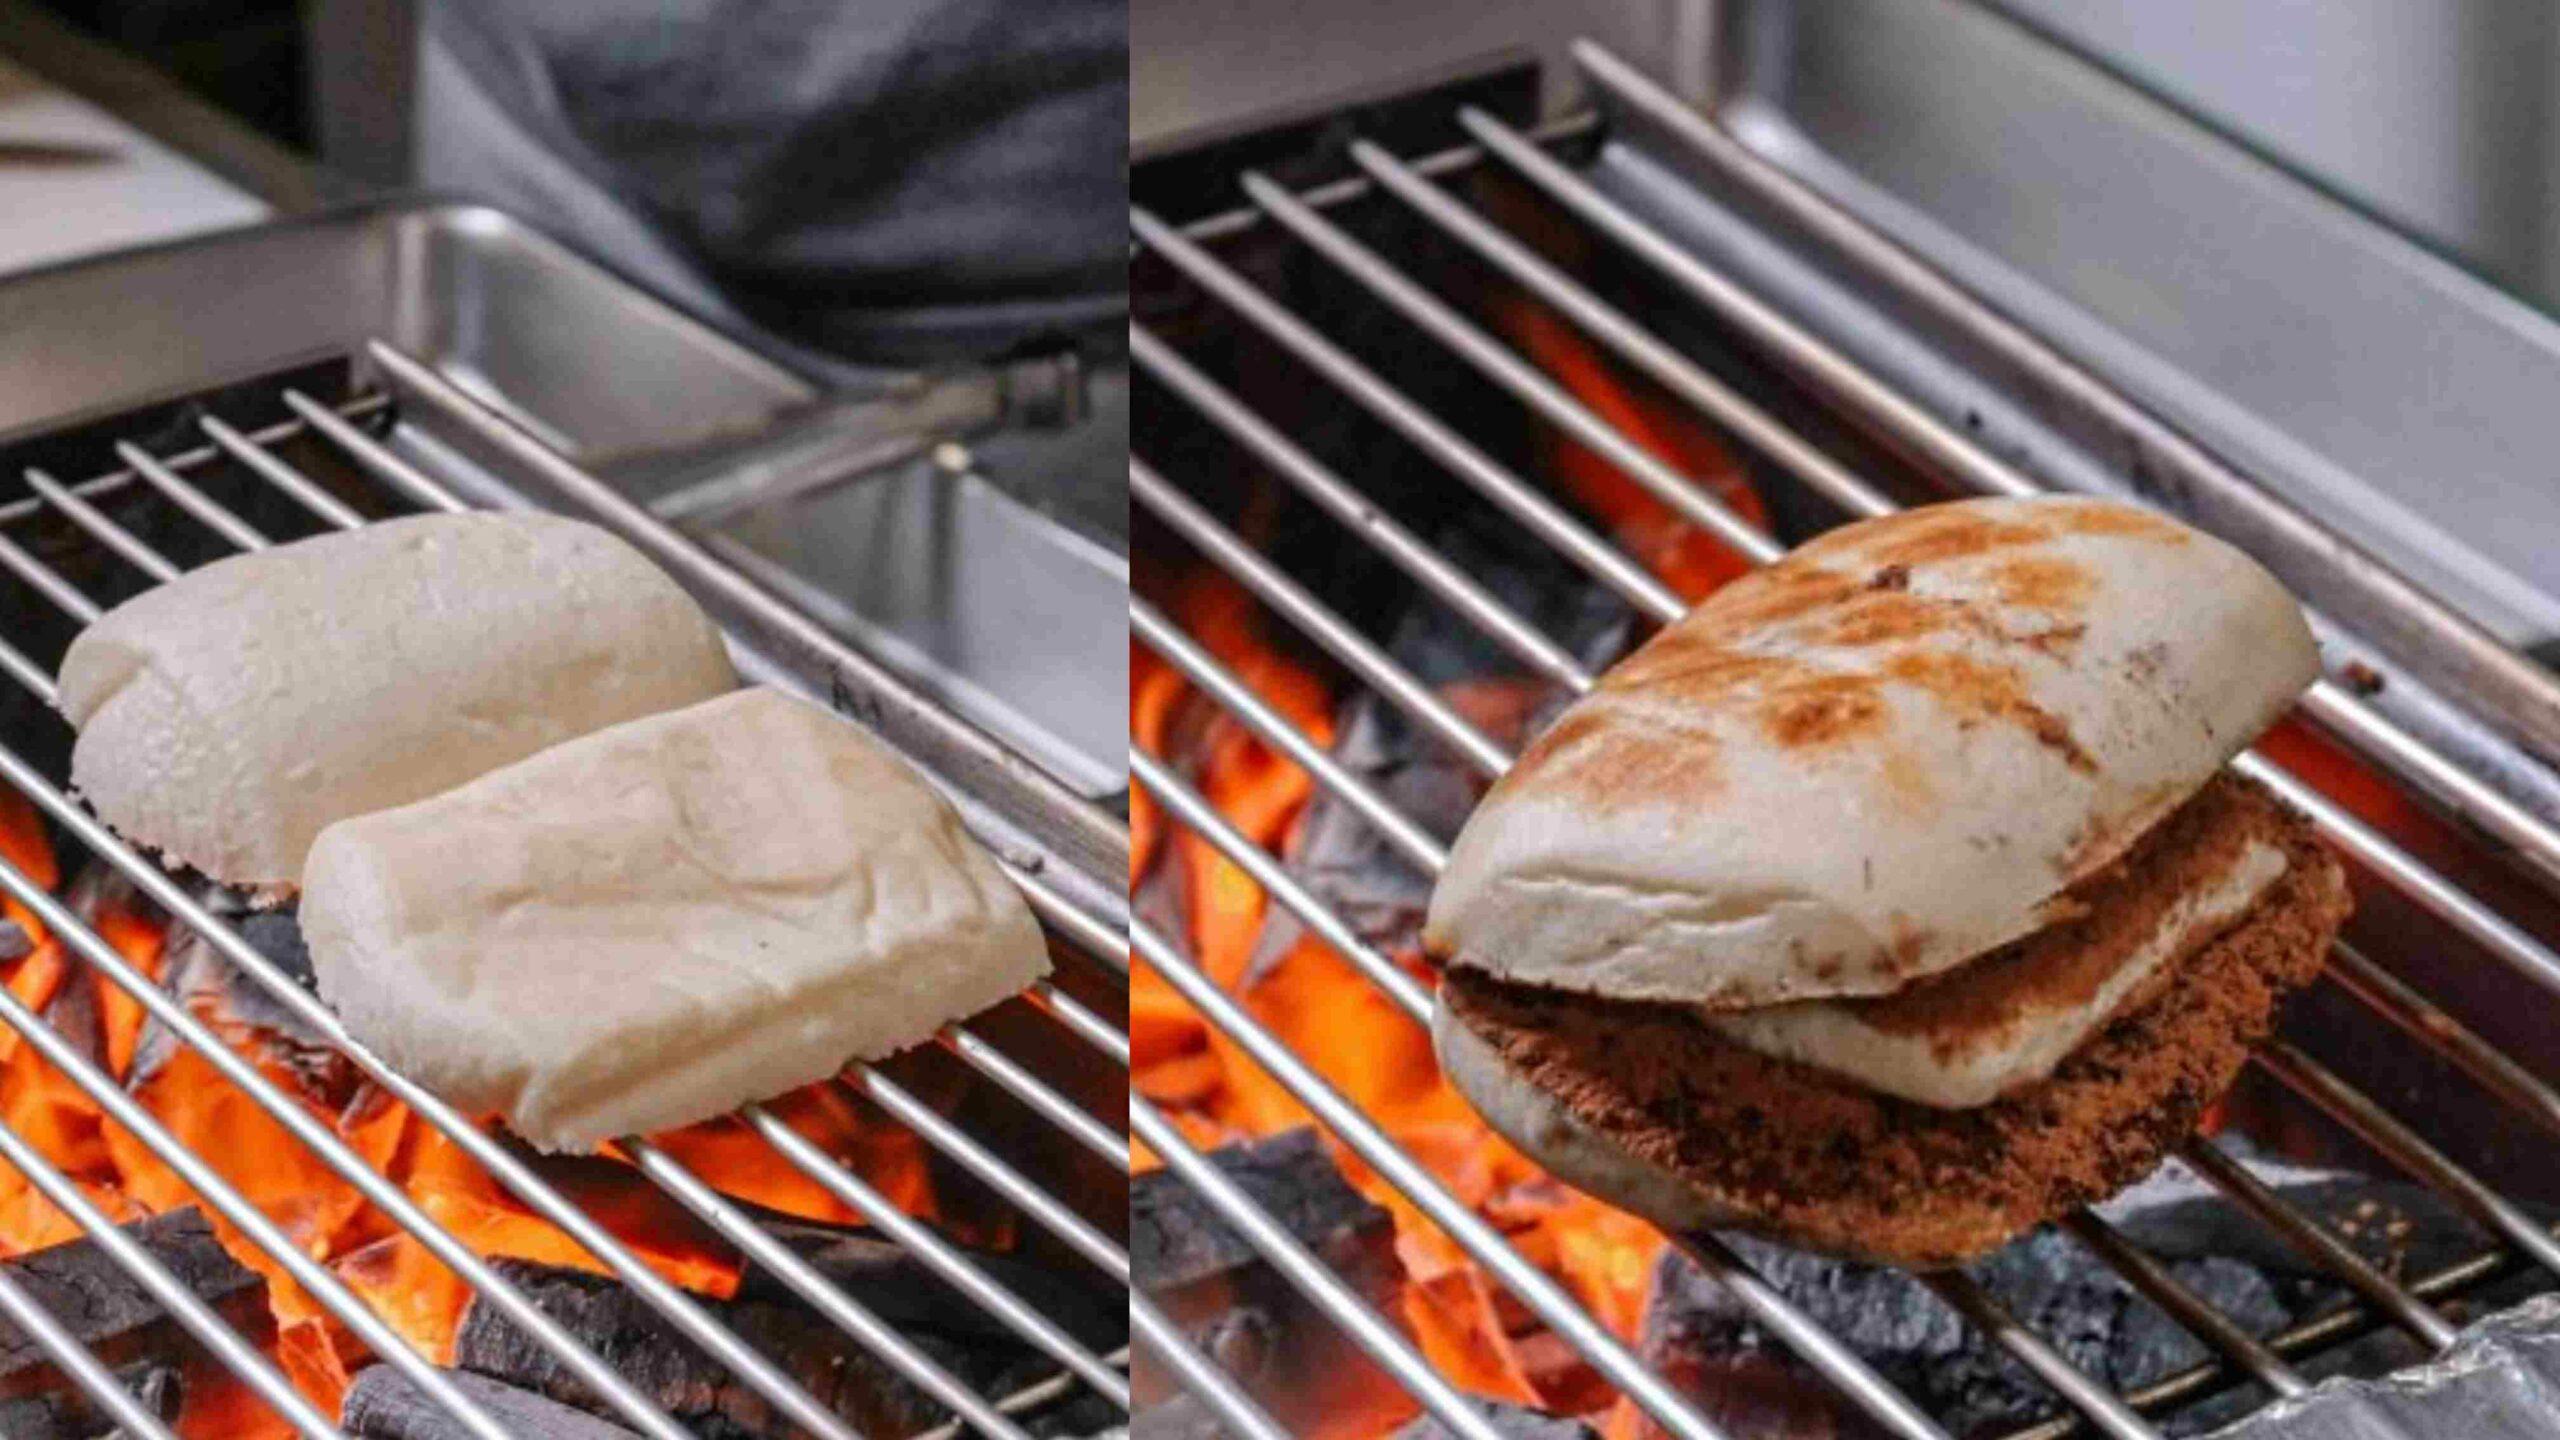 路邊碳烤手工饅頭超創意!冰火提拉米酥饅頭吃過沒!/高雄美食/菜單 @女子的休假計劃